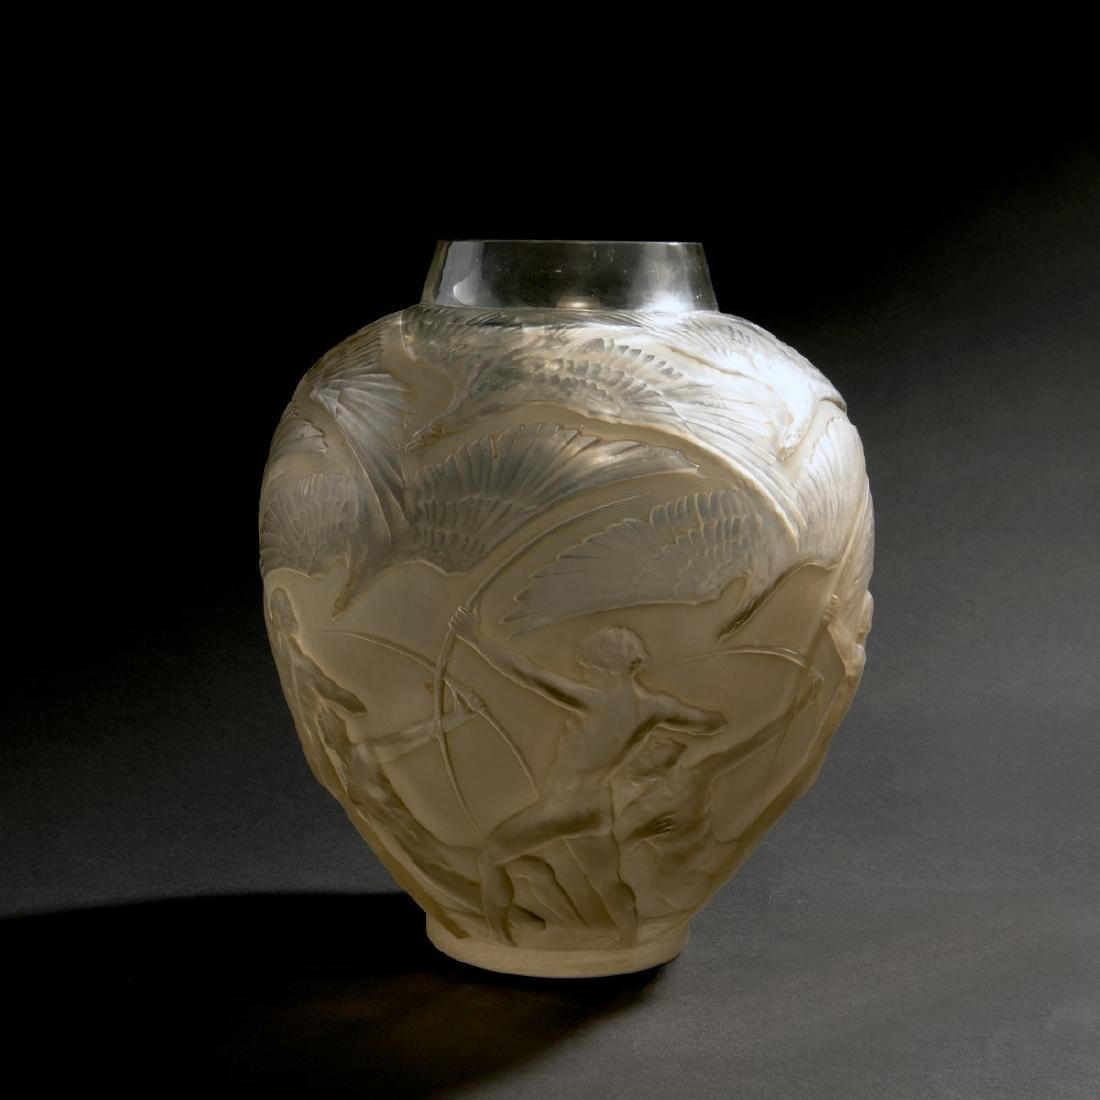 Rene Lalique, 'Archers' vase, 1921